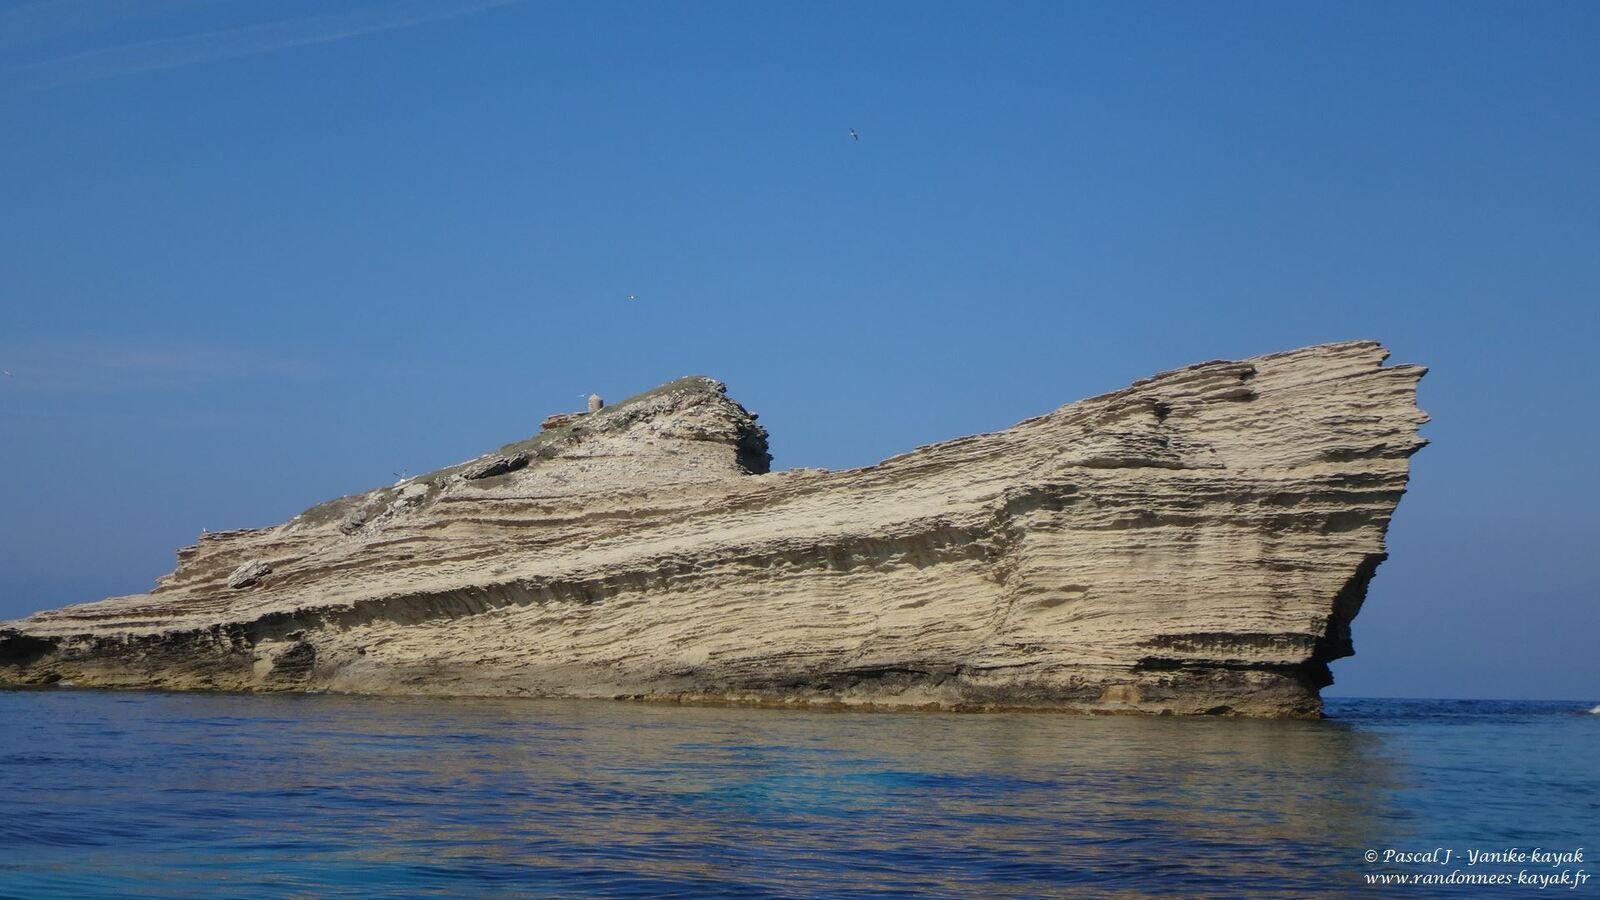 Corsica 2021, la beauté, essentielle, de la nature - Chapitre 14 : De Piantarella à Capo di Feno